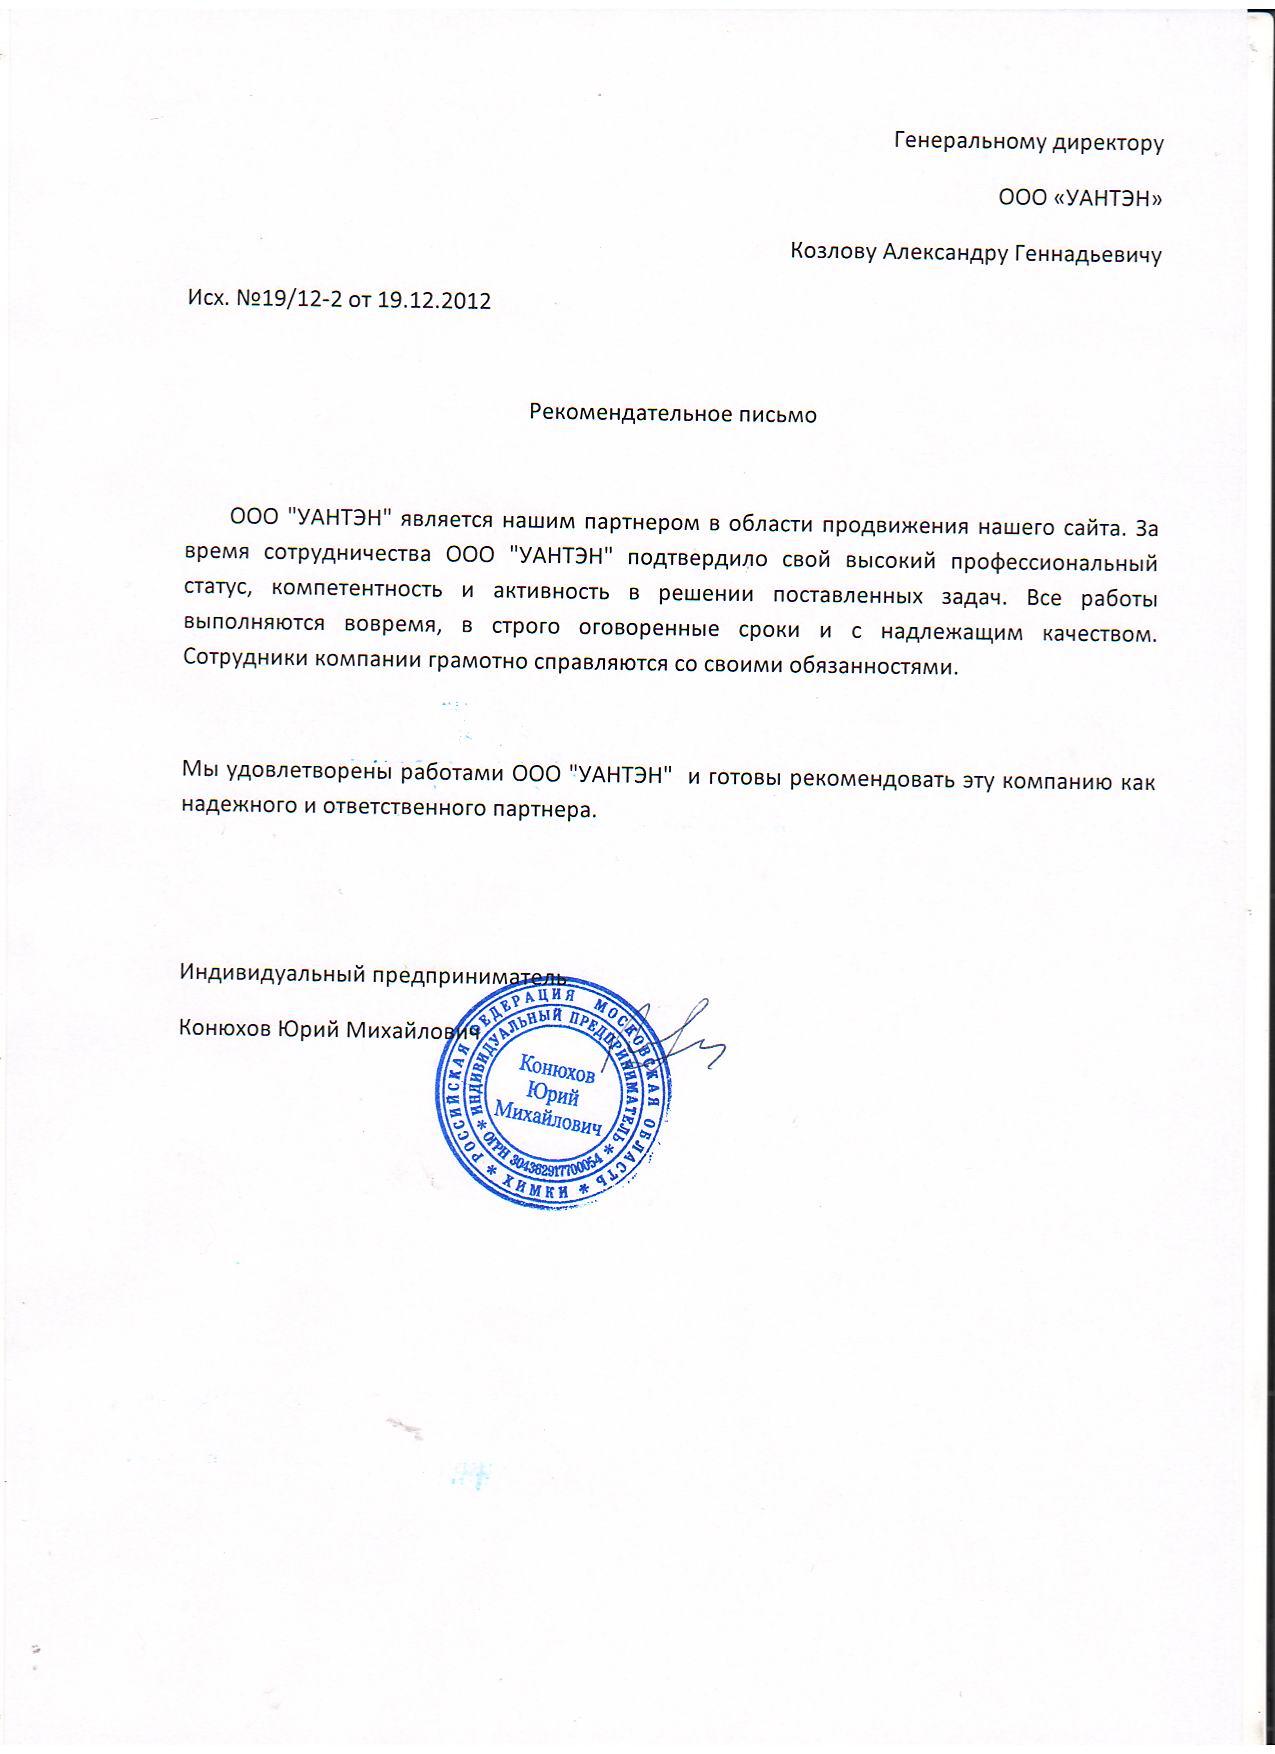 Отзыв о работе компании Уантэн от ИП Конюхова Юрия Михайловича